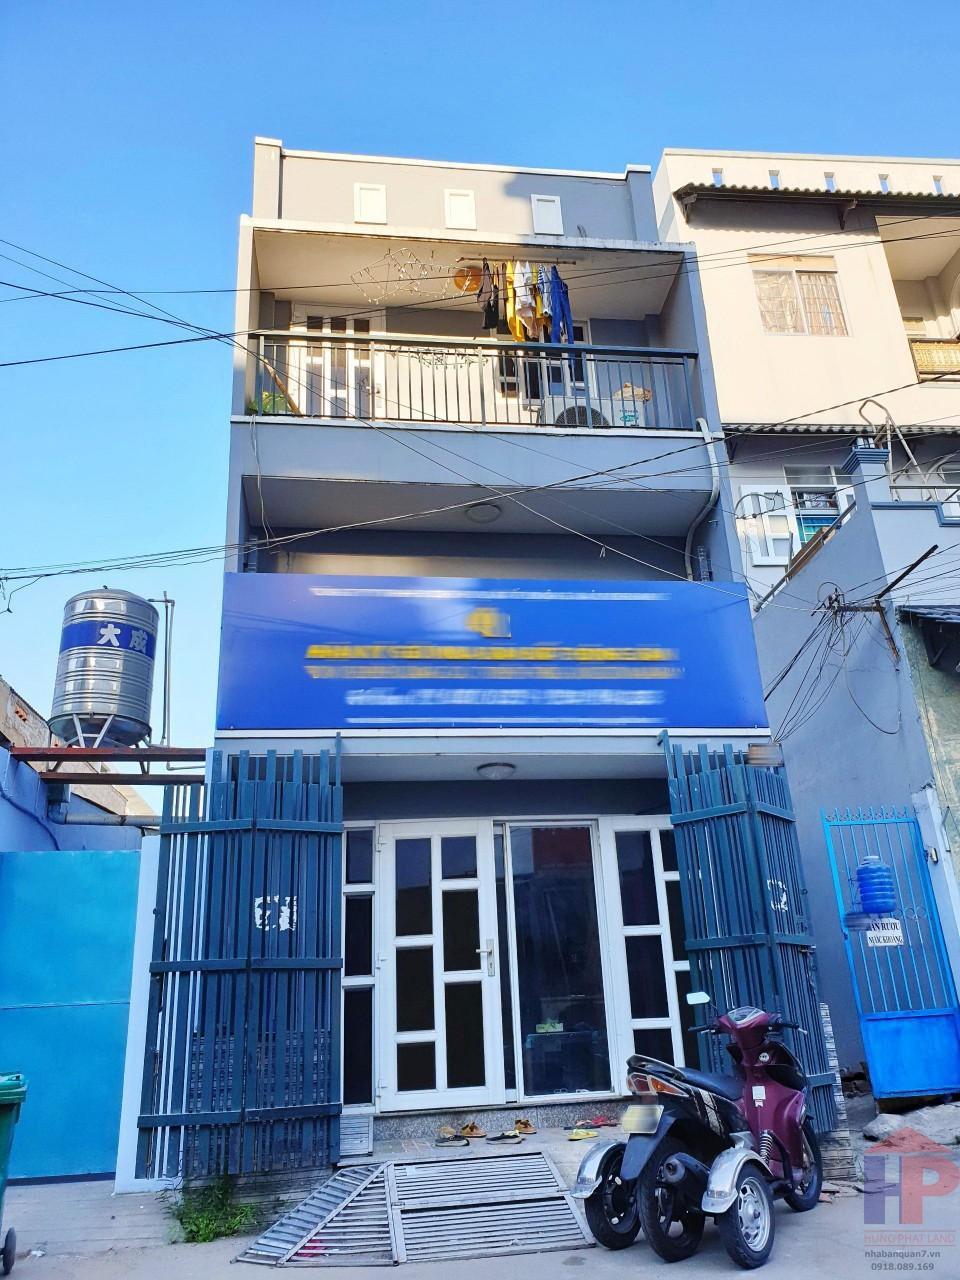 Bán nhà hẻm 719 Huỳnh Tấn Phát Q7, 3PN – 2WC, DT 4x9m, giá 3.7 tỷ